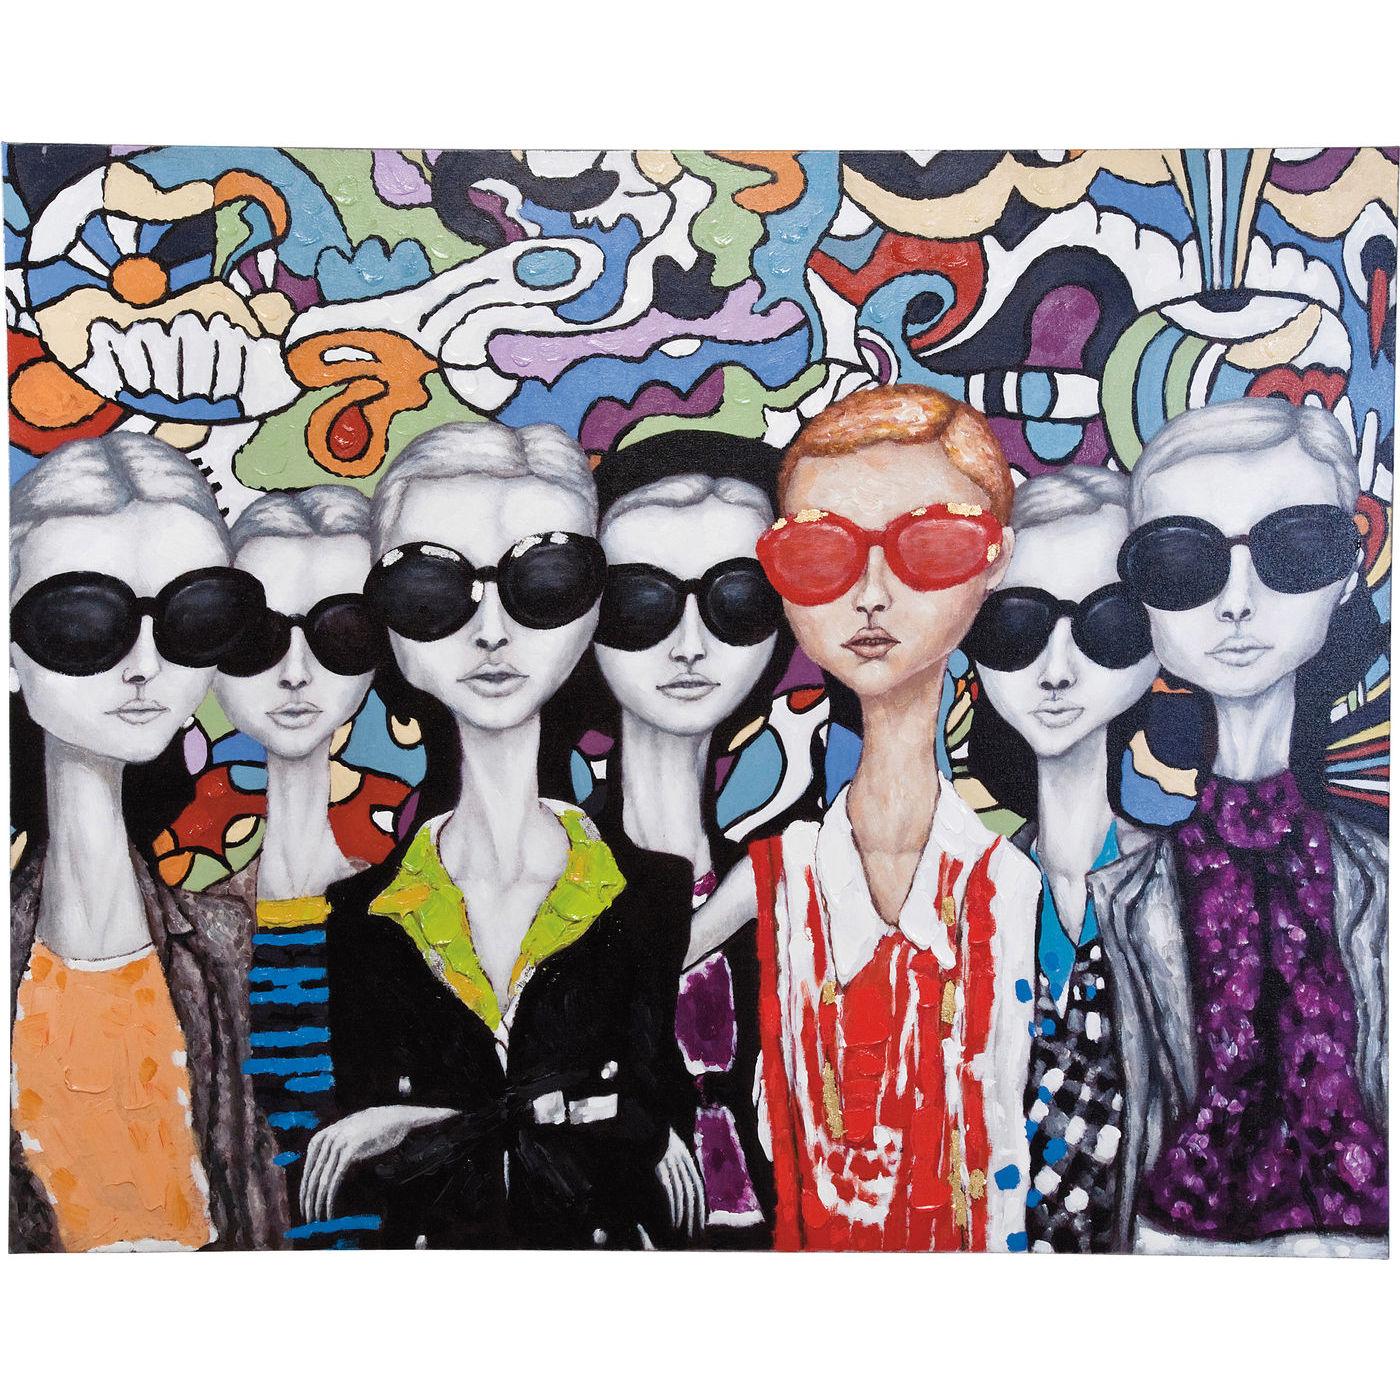 kare design Kare design sunglasses oliemaleri - multifarvet lærred, håndmalet (120x150) på boboonline.dk